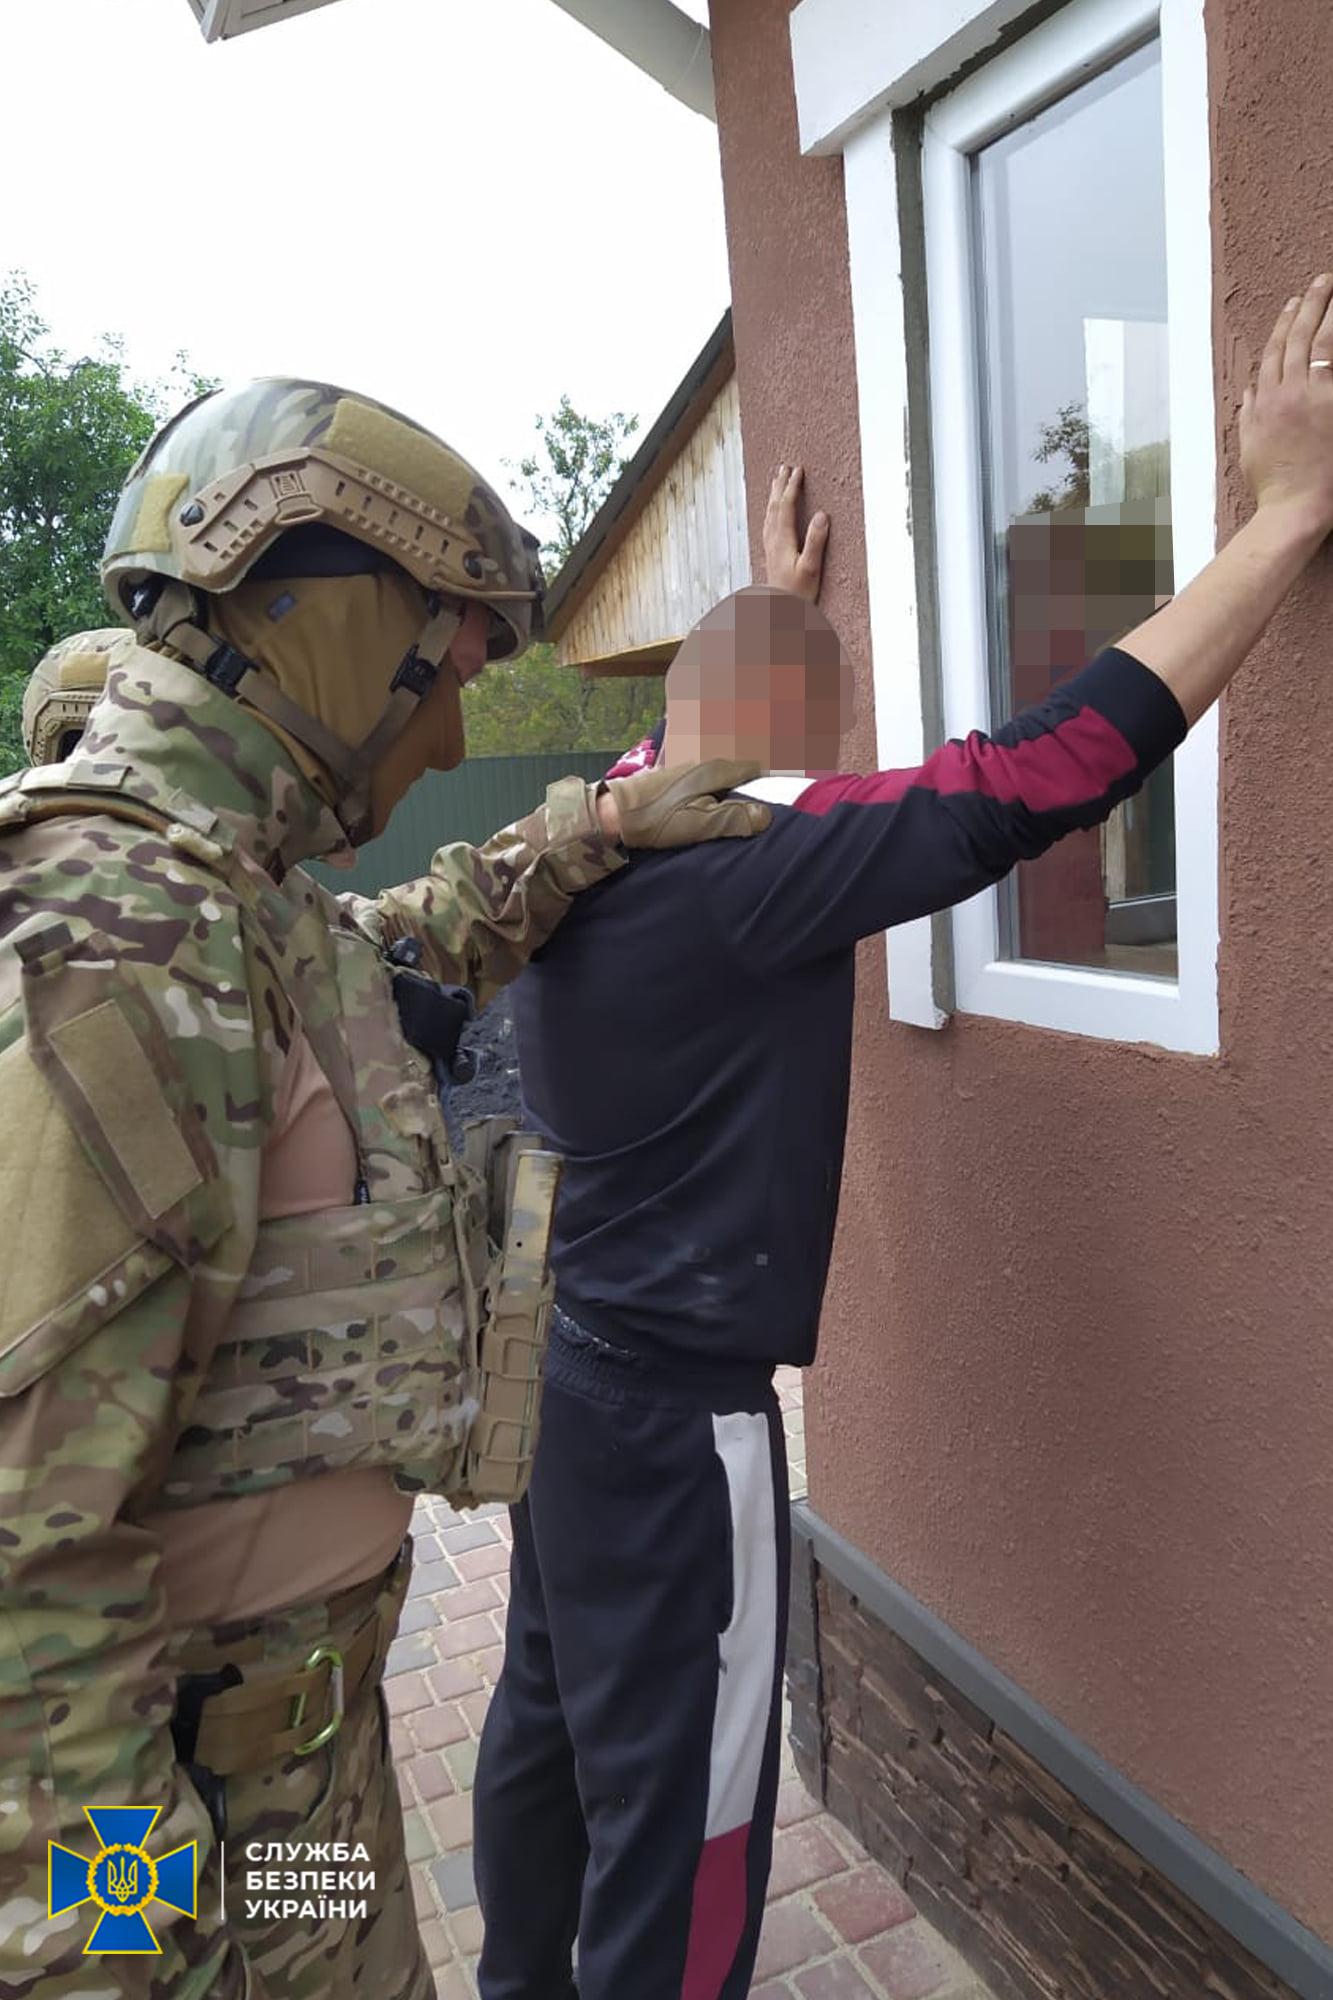 На Чернігівщині СБУ блокувала канал контрабанди вибухівки та нелегальної міграції іноземців через кордон (Фото)